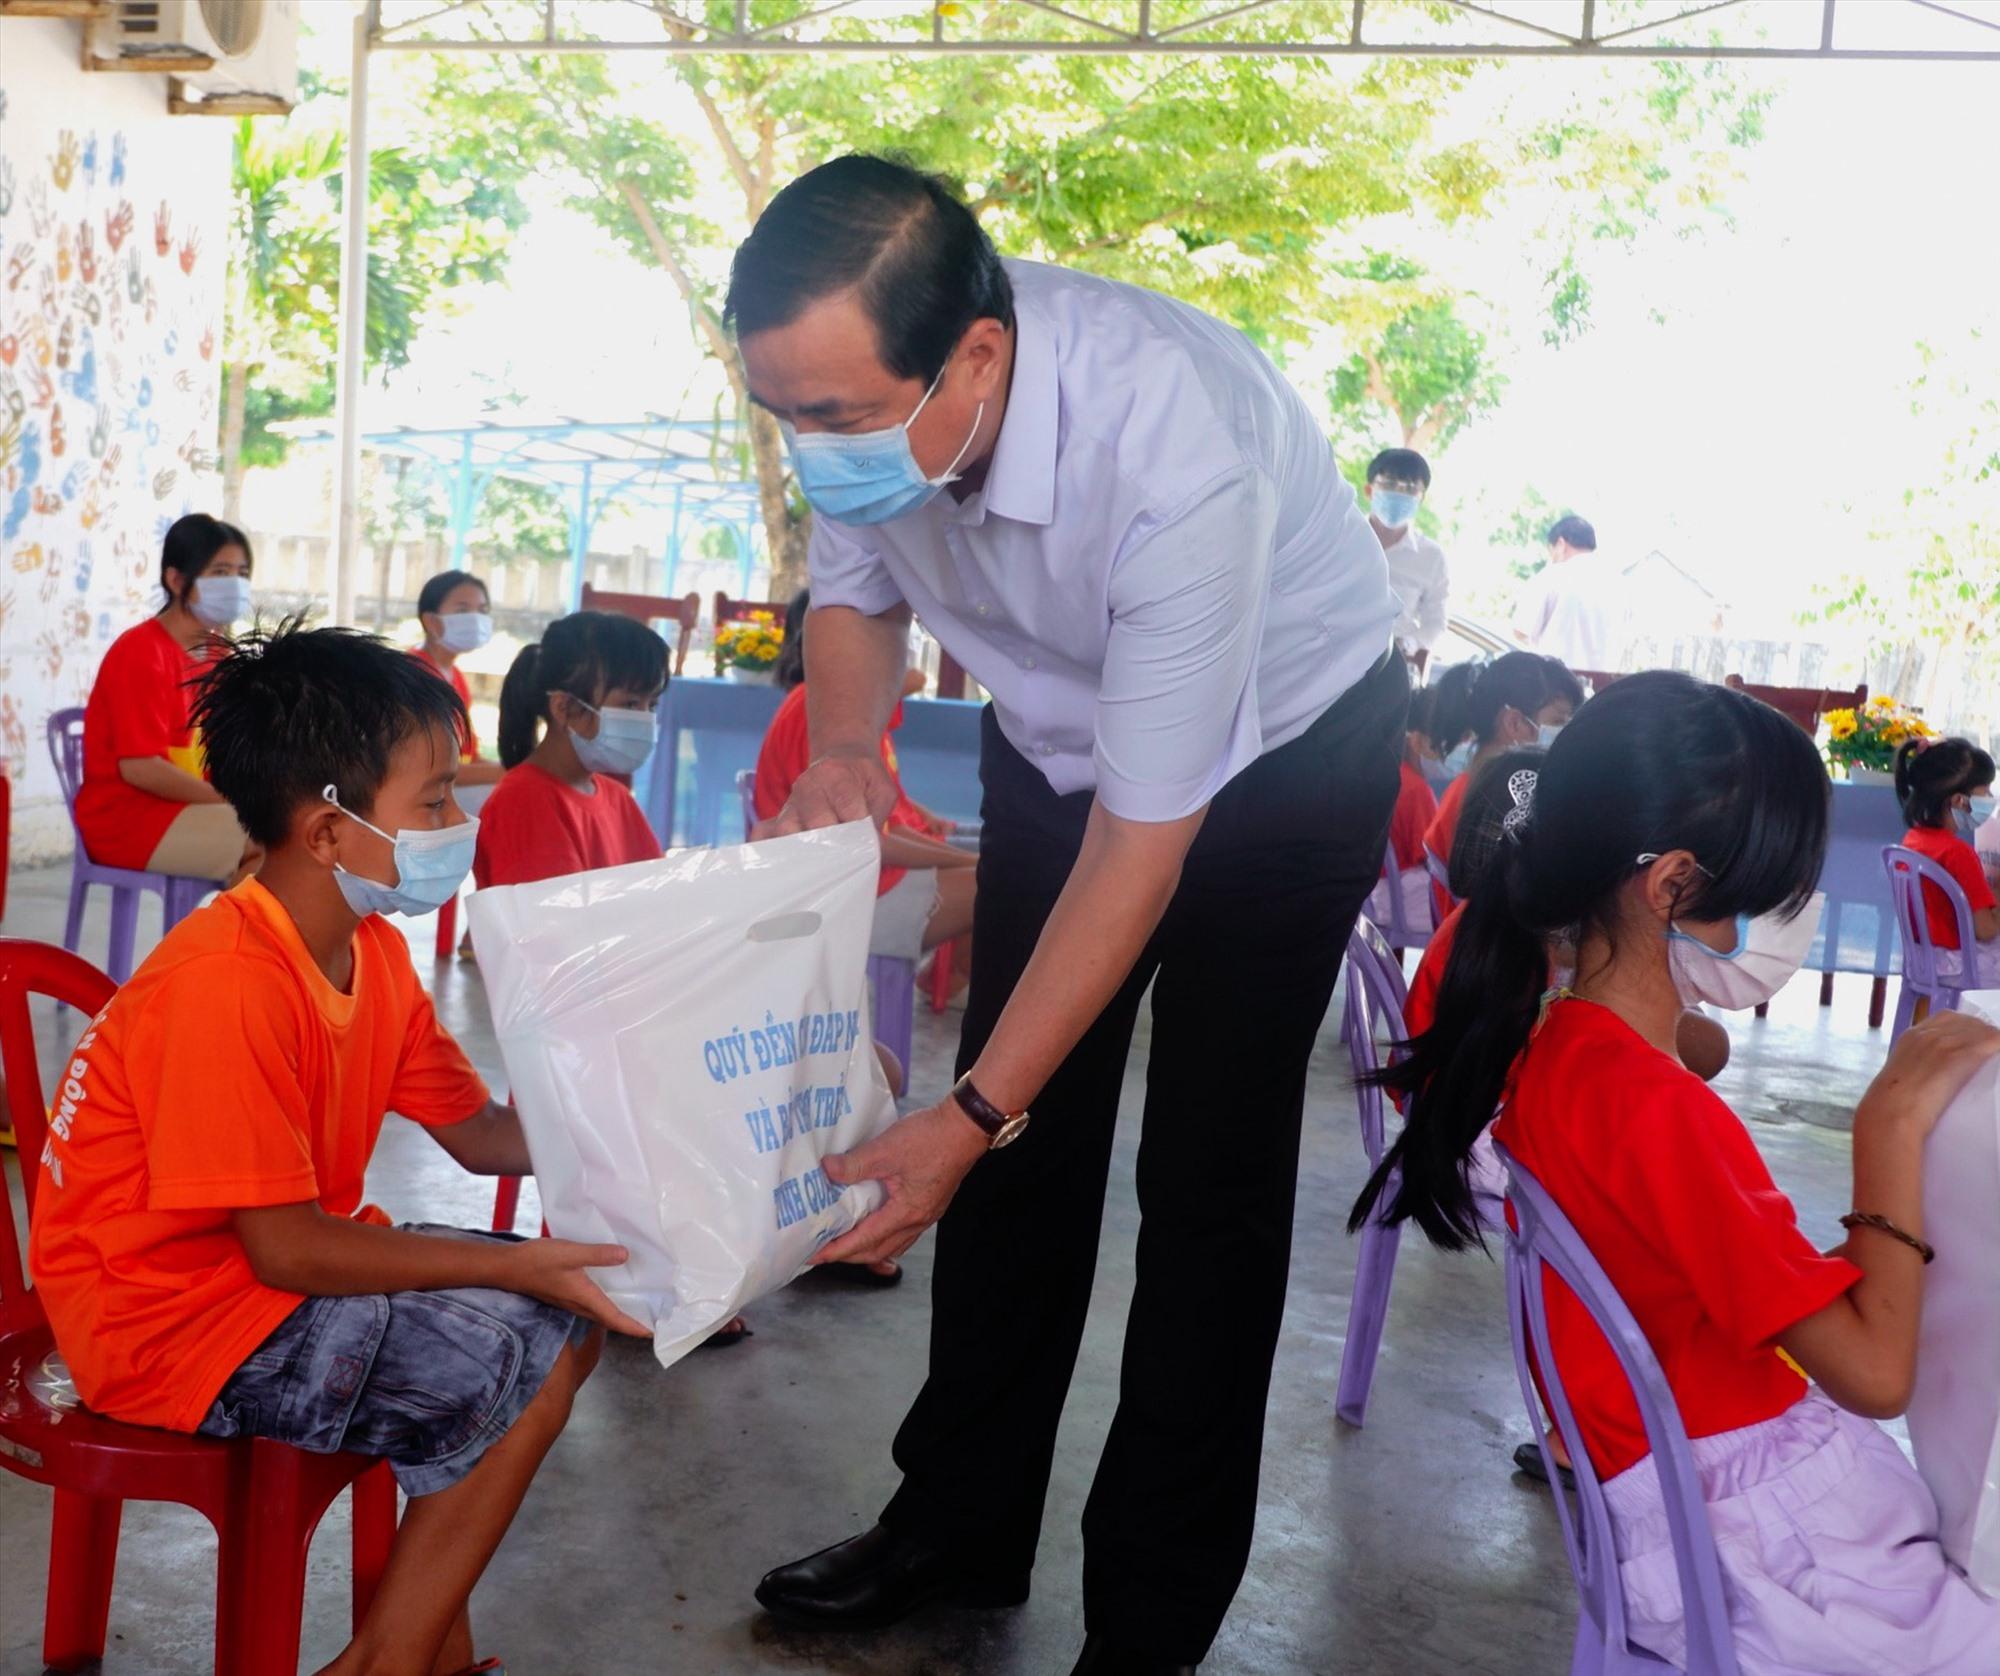 Bí thư Tỉnh ủy Phan Việt Cường tặng quà cho trẻ em ở Làng trẻ Hòa Bình. Ảnh: X.H